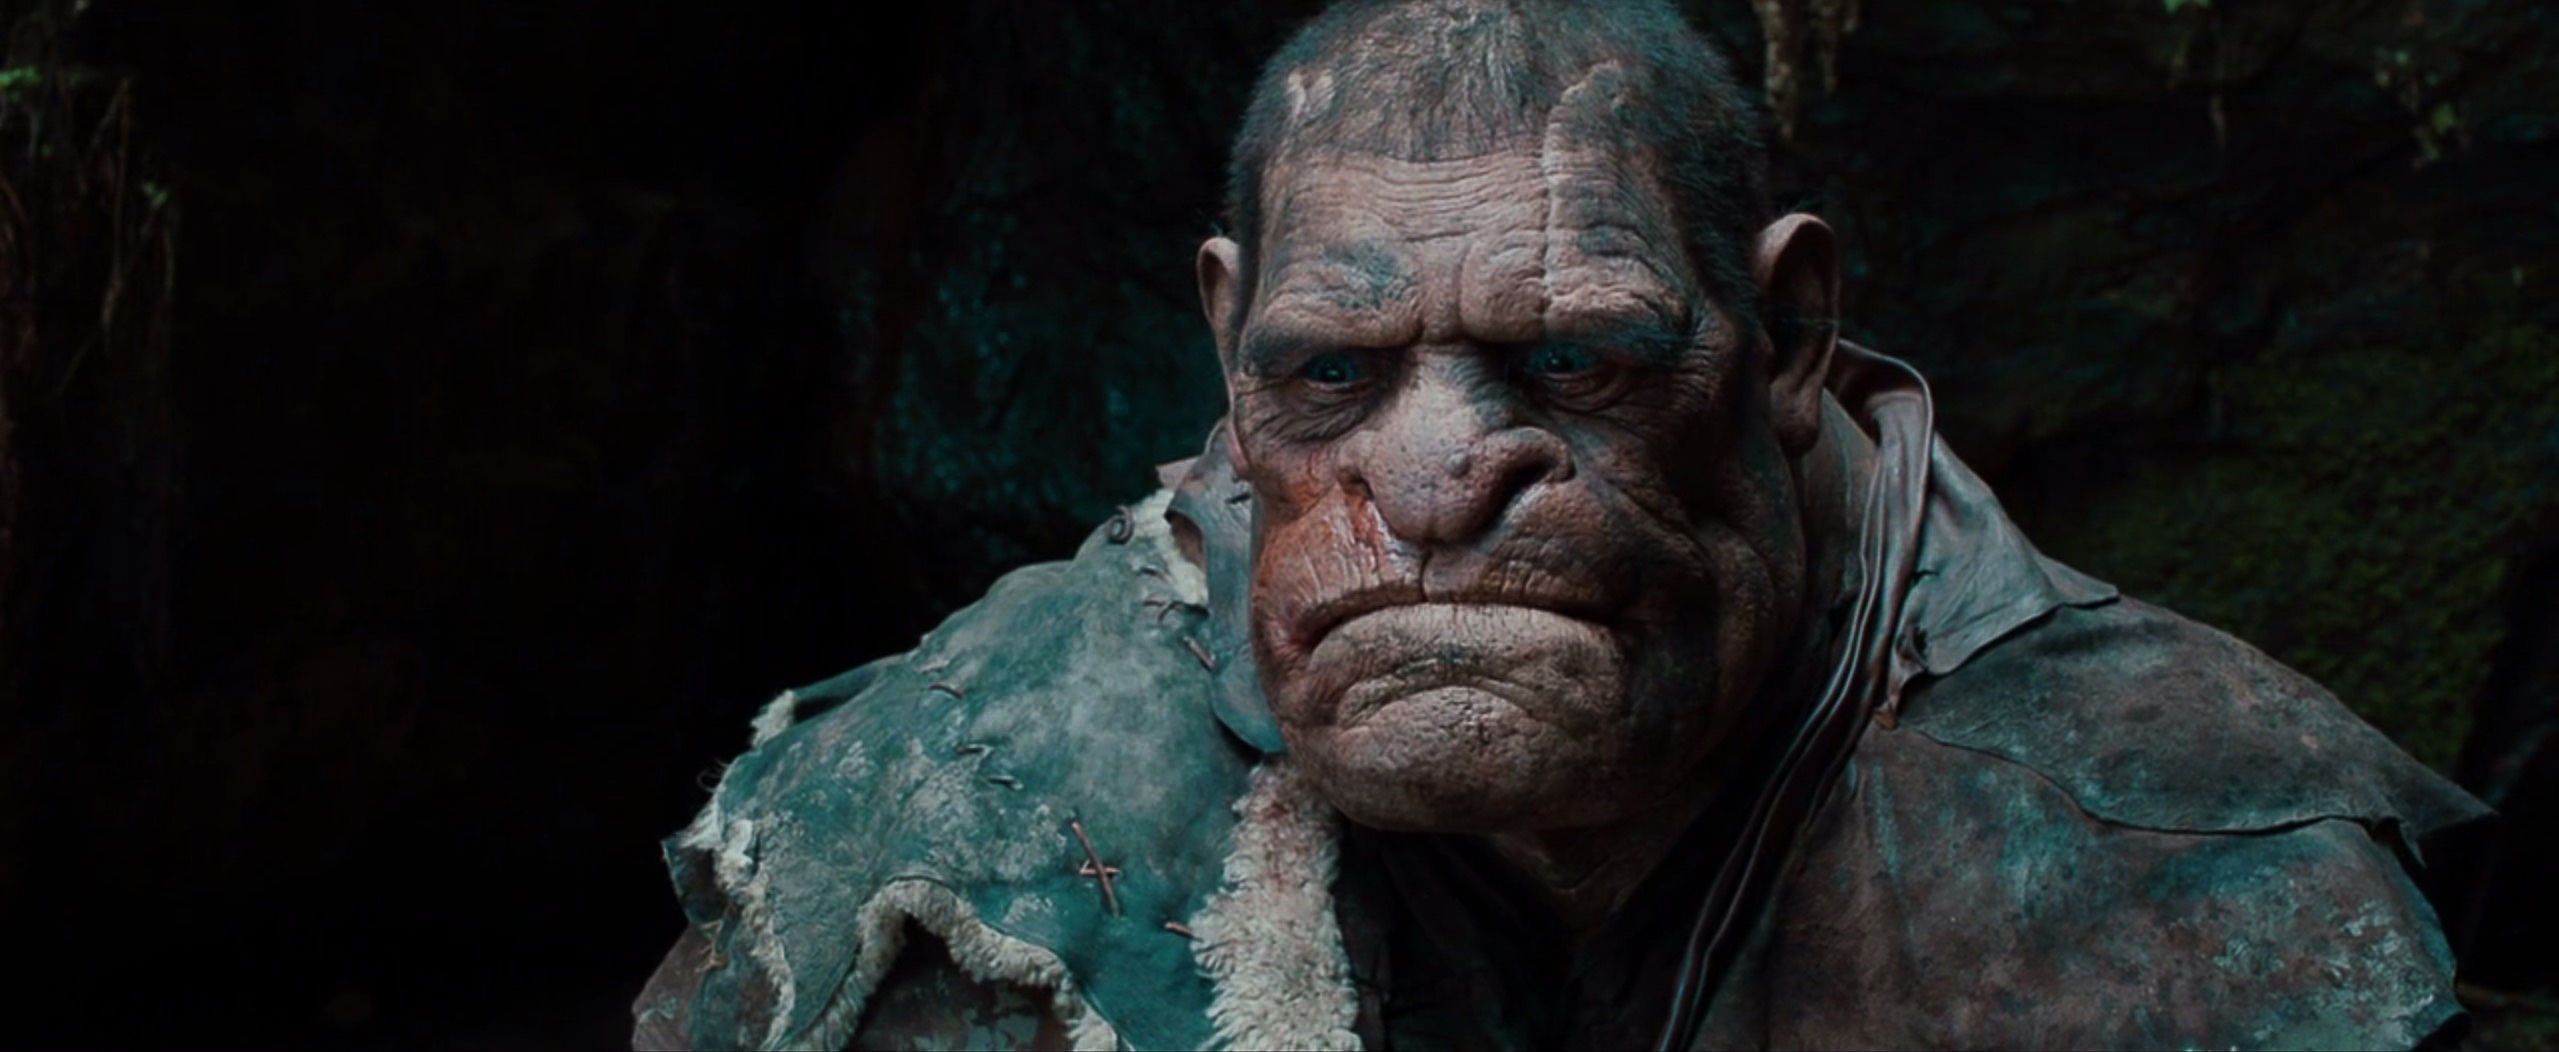 #经典看电影#热特效分享之《女巫猎人》中小巨怪化妆,你猜他是如何看清路的?